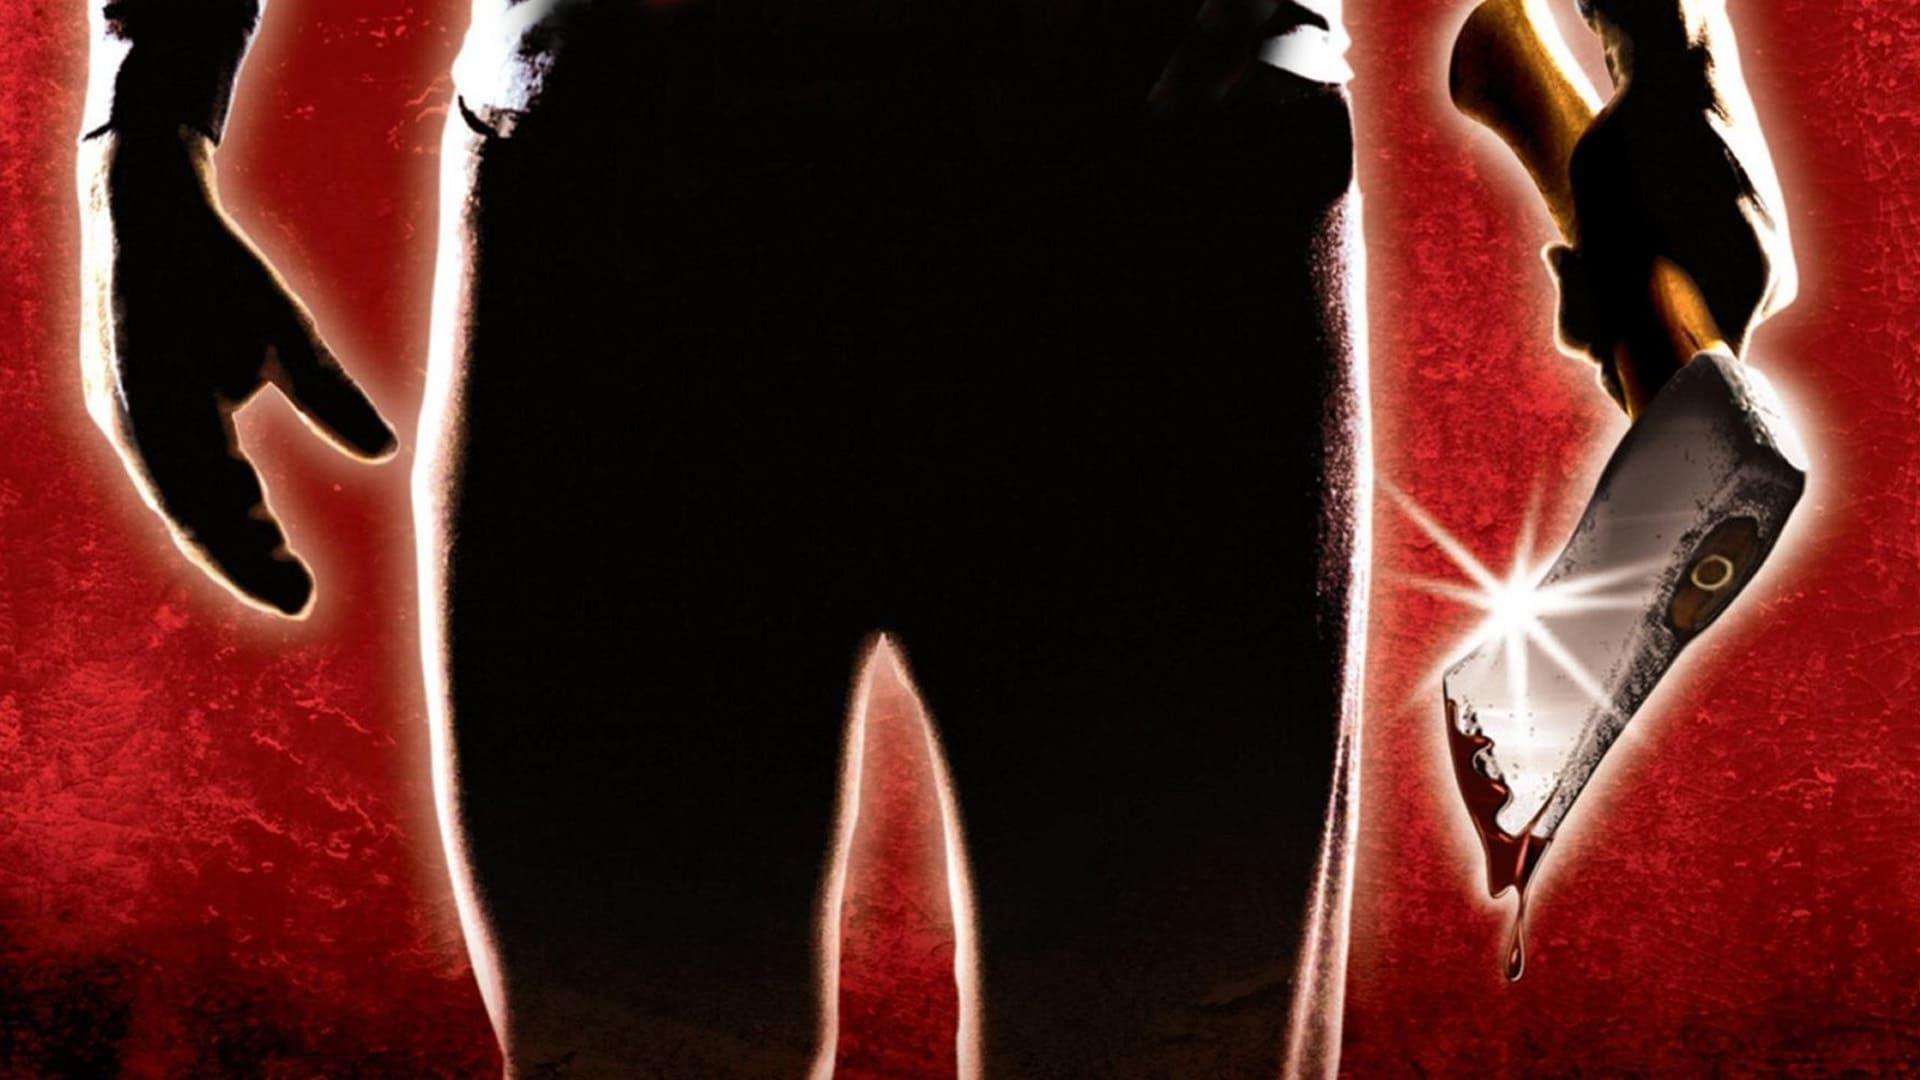 Alice Superviviente De La Tragedia Del Campamento De Crystal Lake Muere Asesinada En Su Apartamento C In 2020 Full Movies Online Free Full Movies Full Movies Online